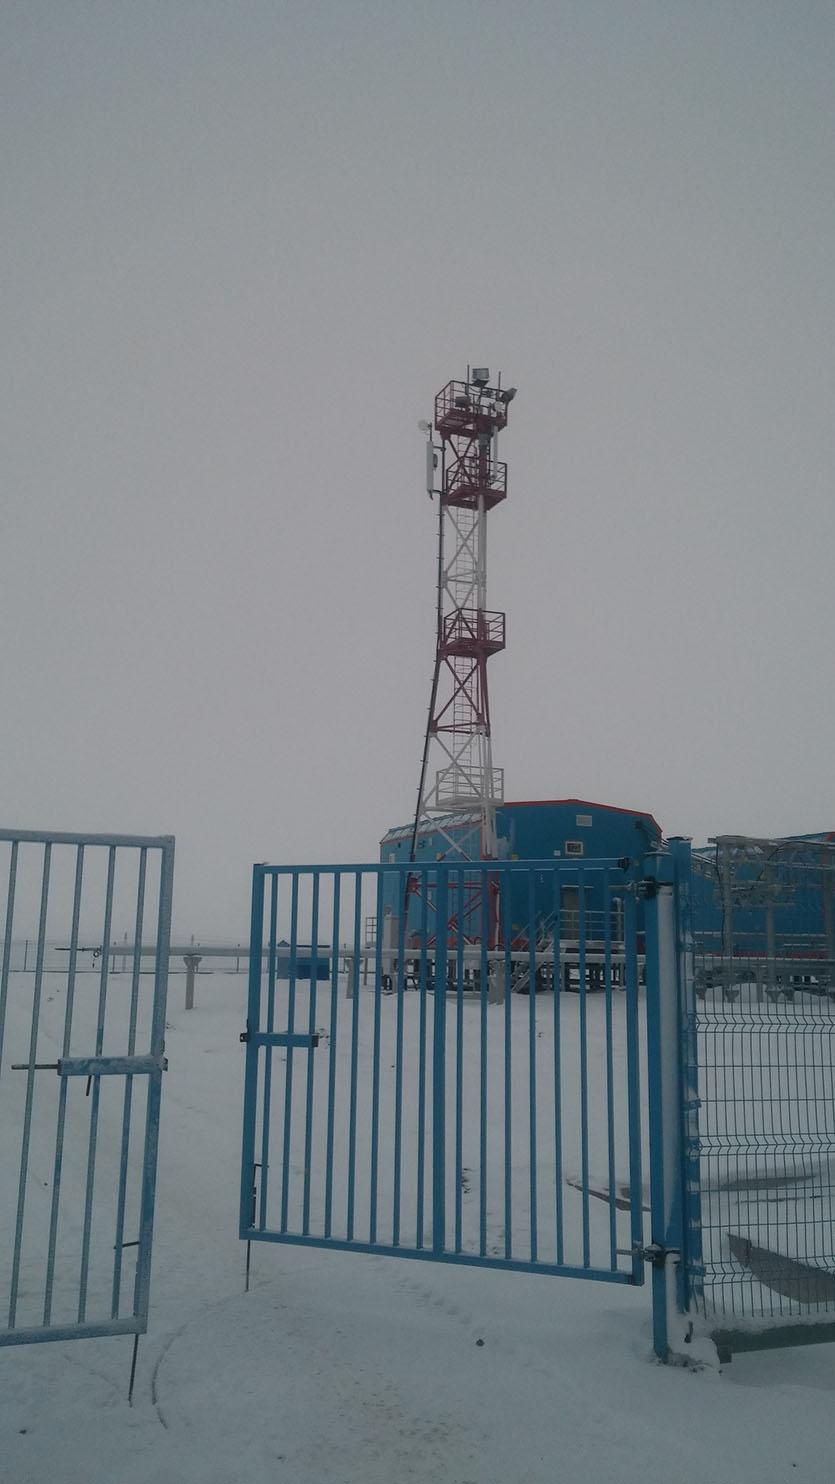 Вышка в вахтовом поселке Сабетта на полуострове Ямал